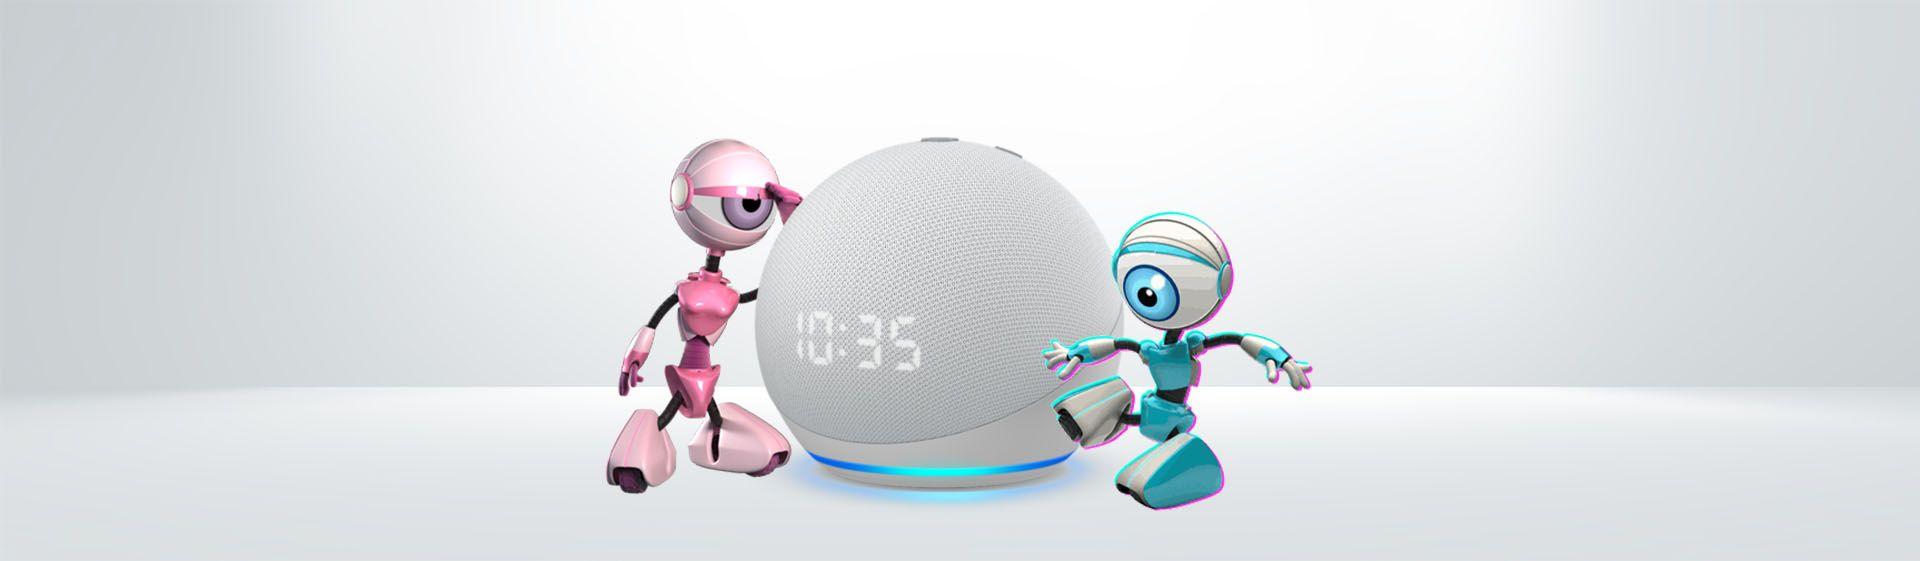 Como acompanhar o BBB 21 com ajuda da Alexa, assistente virtual da Amazon?